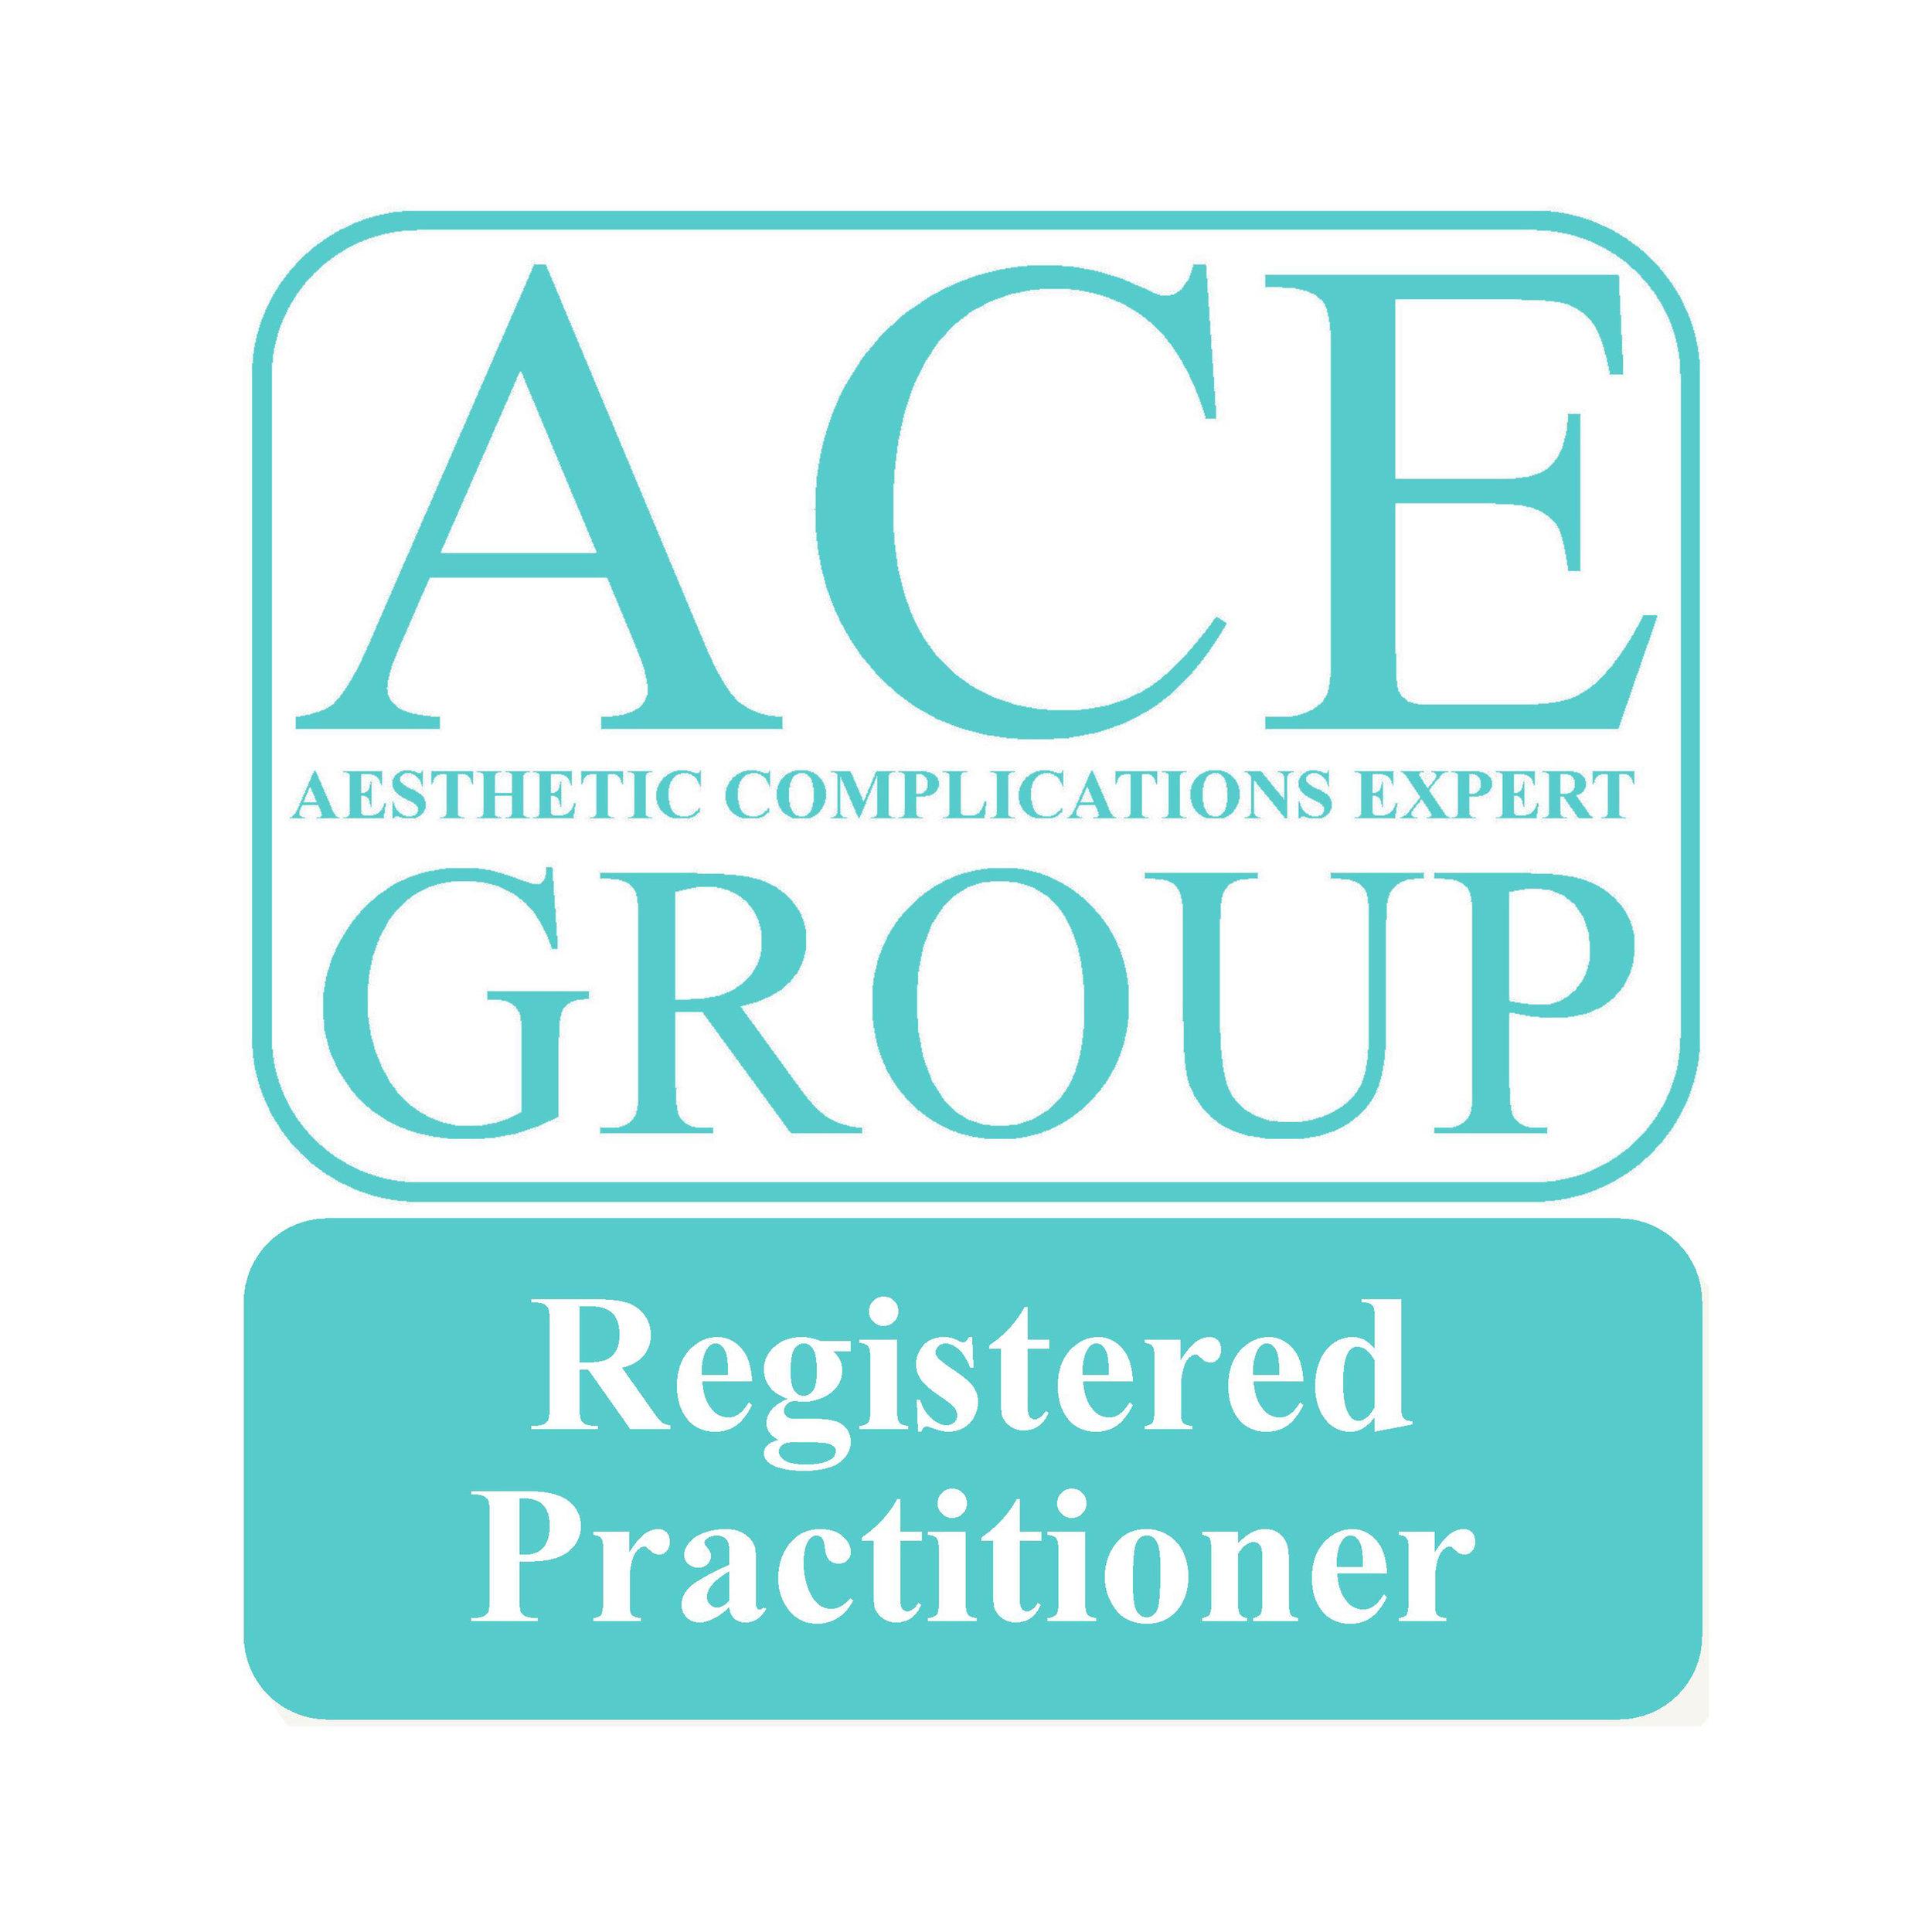 registered-practitioner.jpg